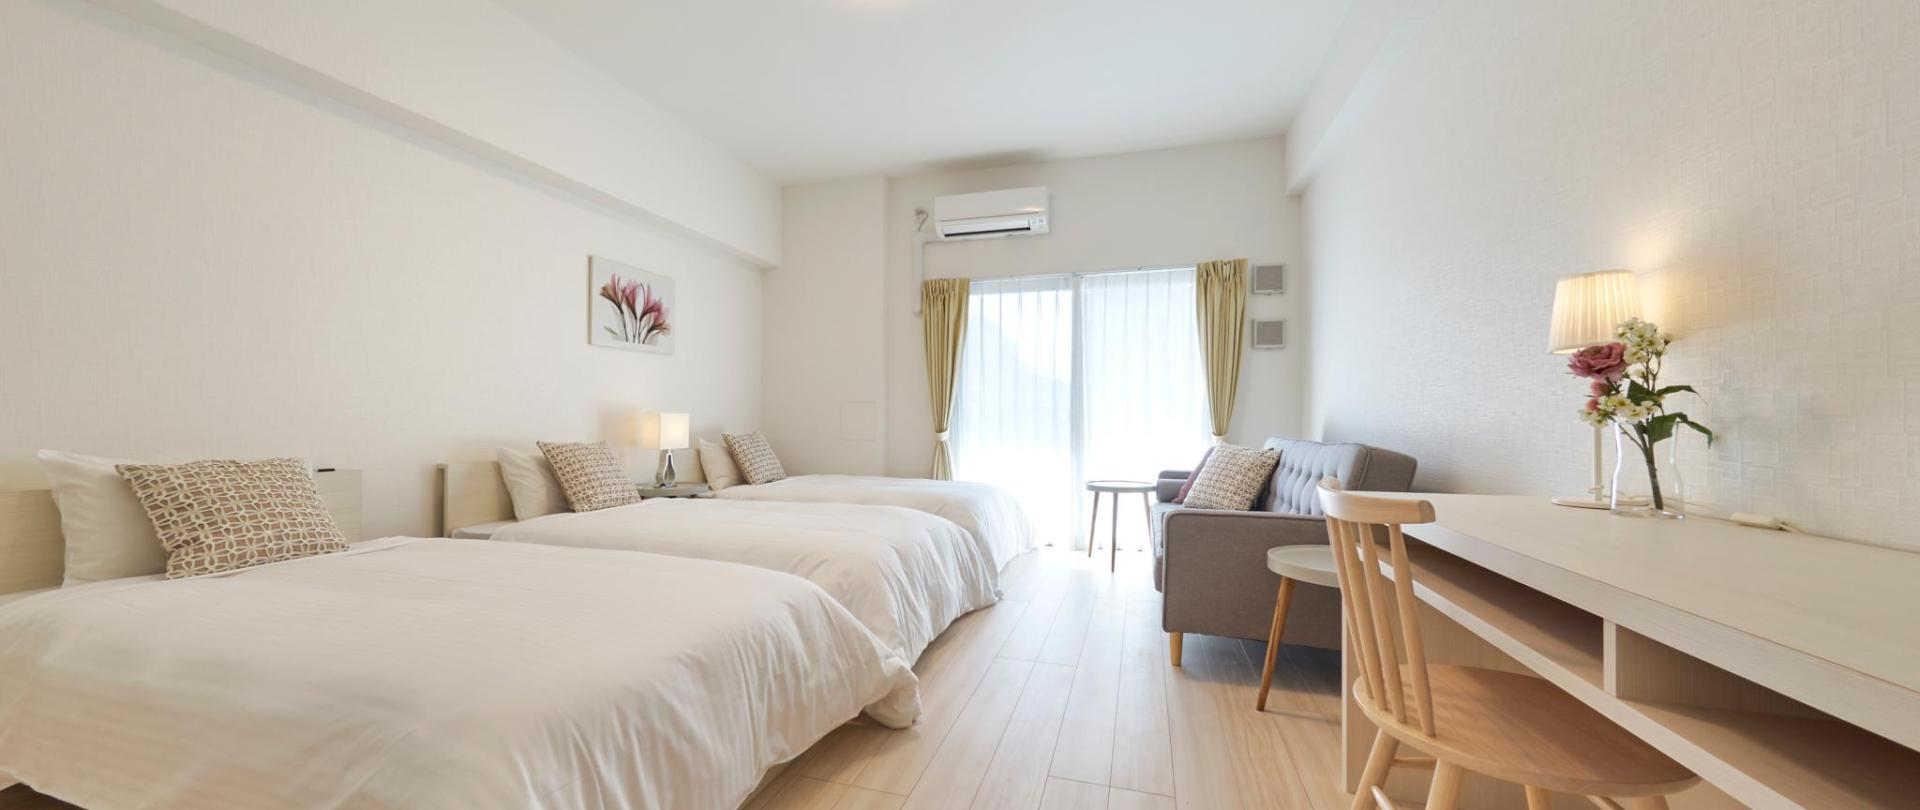 Standard Room for 4 people(6).jpg